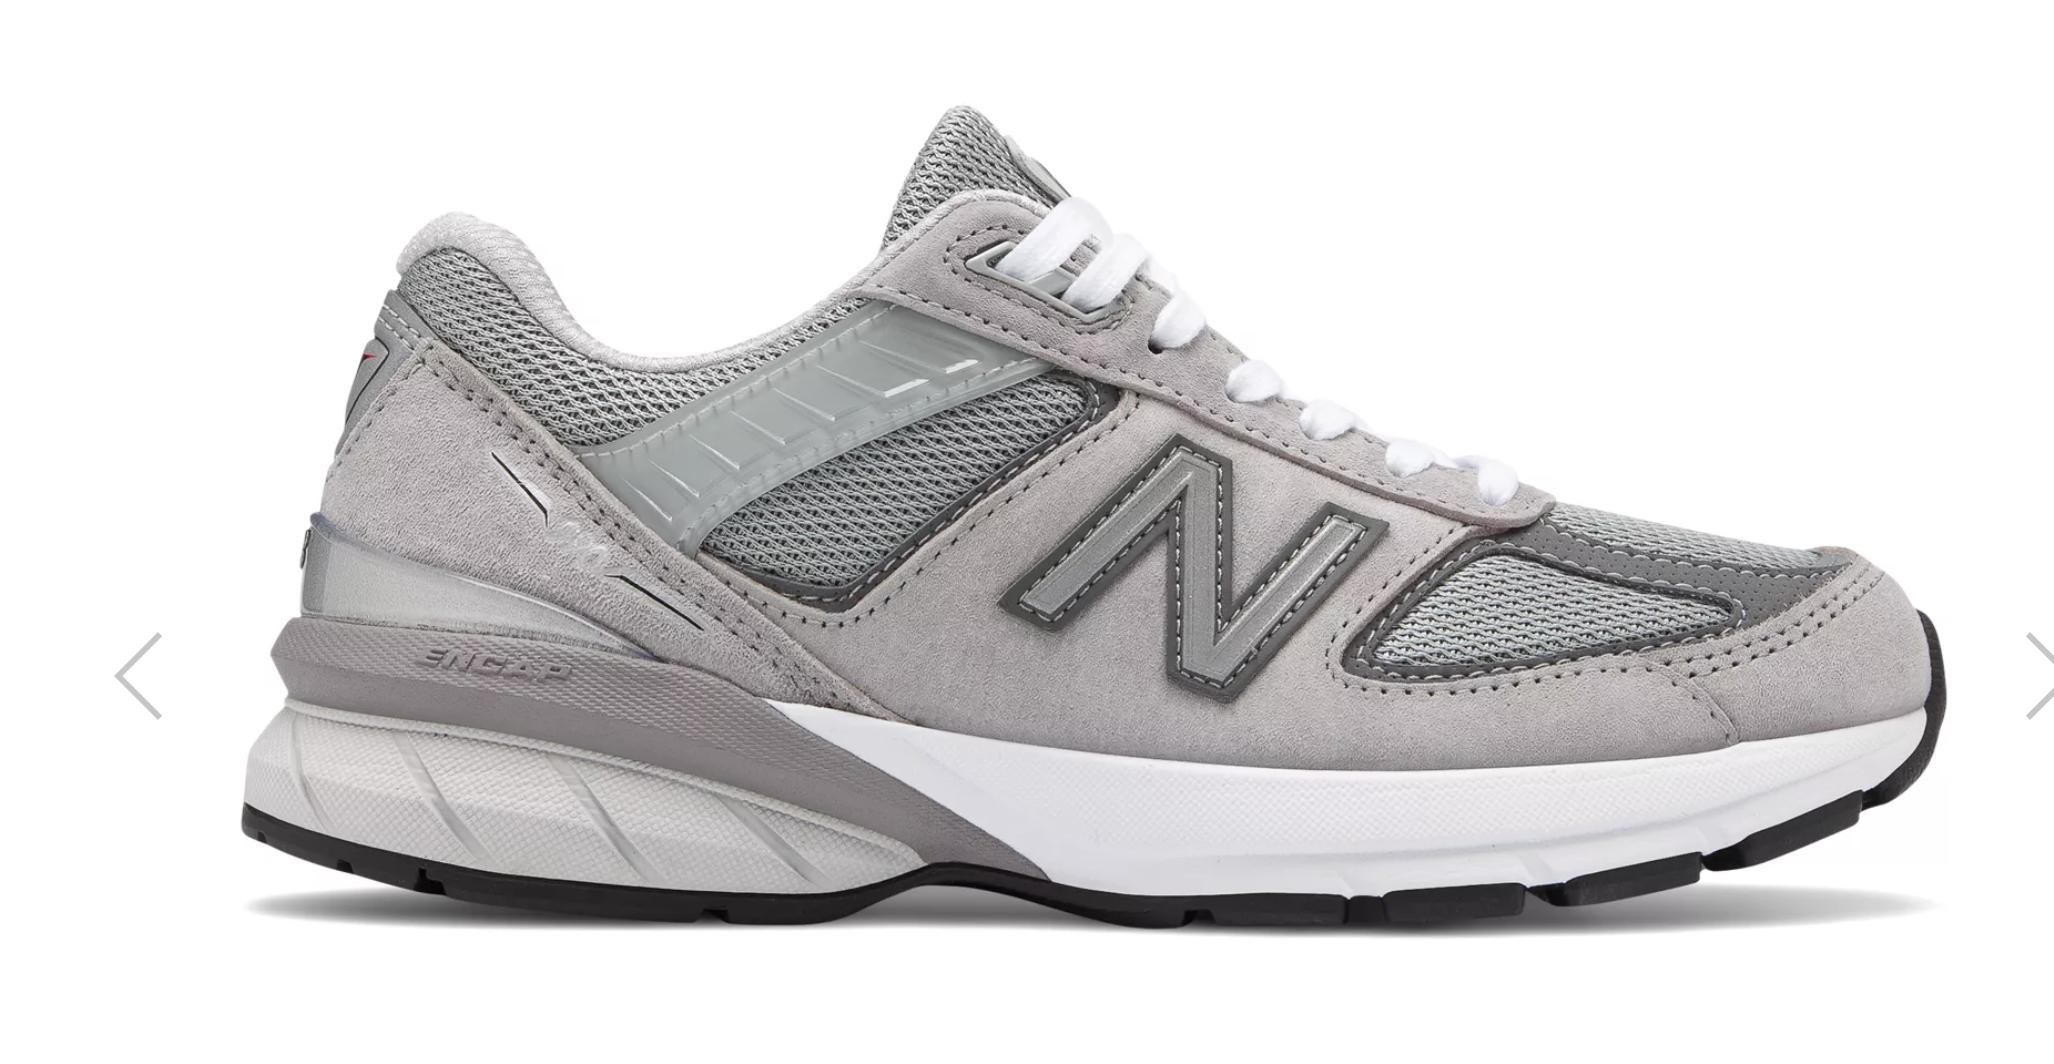 542613d6442b Best New Balance Running Shoes